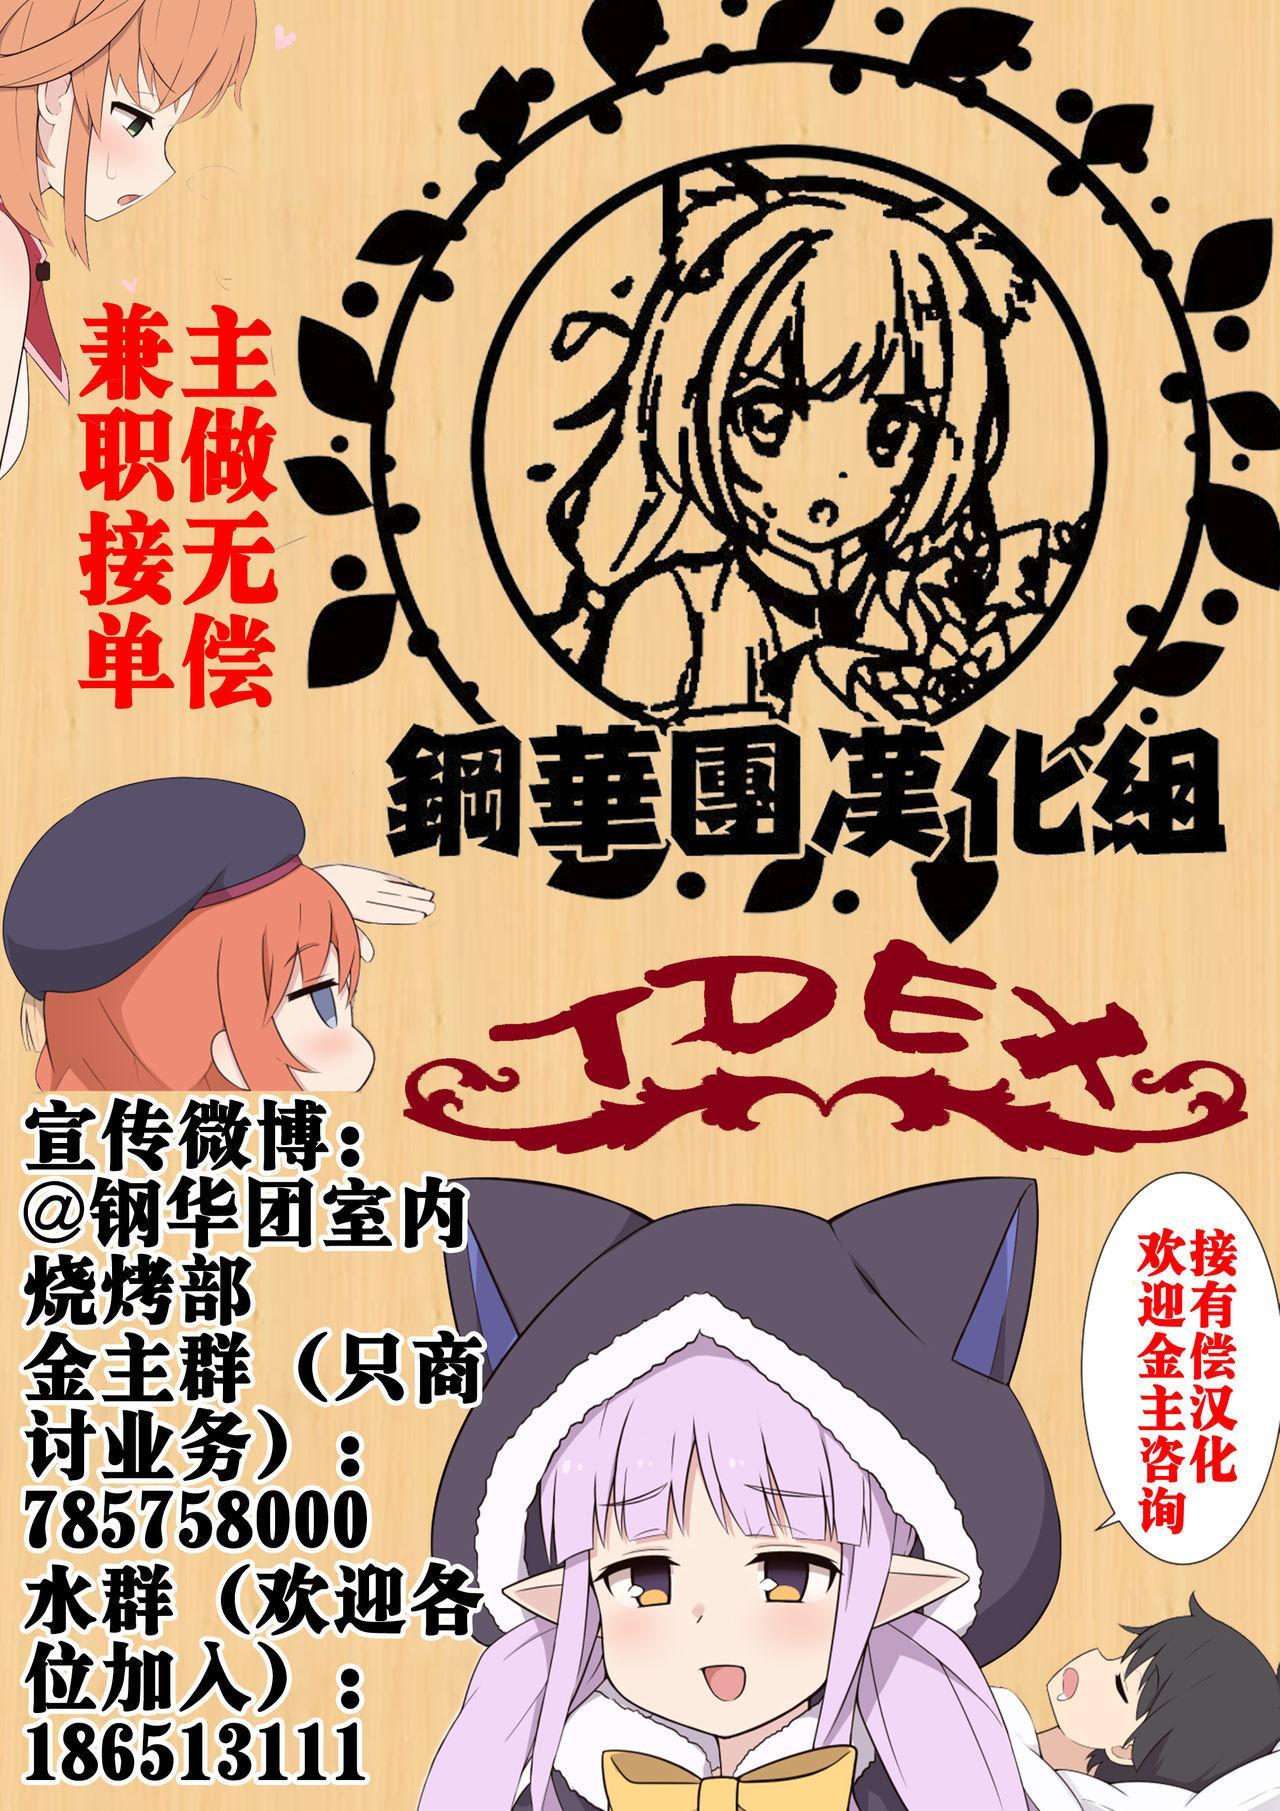 Kyaru to Cosplay Ecchi Suru dake no Ohanashi | 只是和凯留进行角色扮演性爱的故事 6